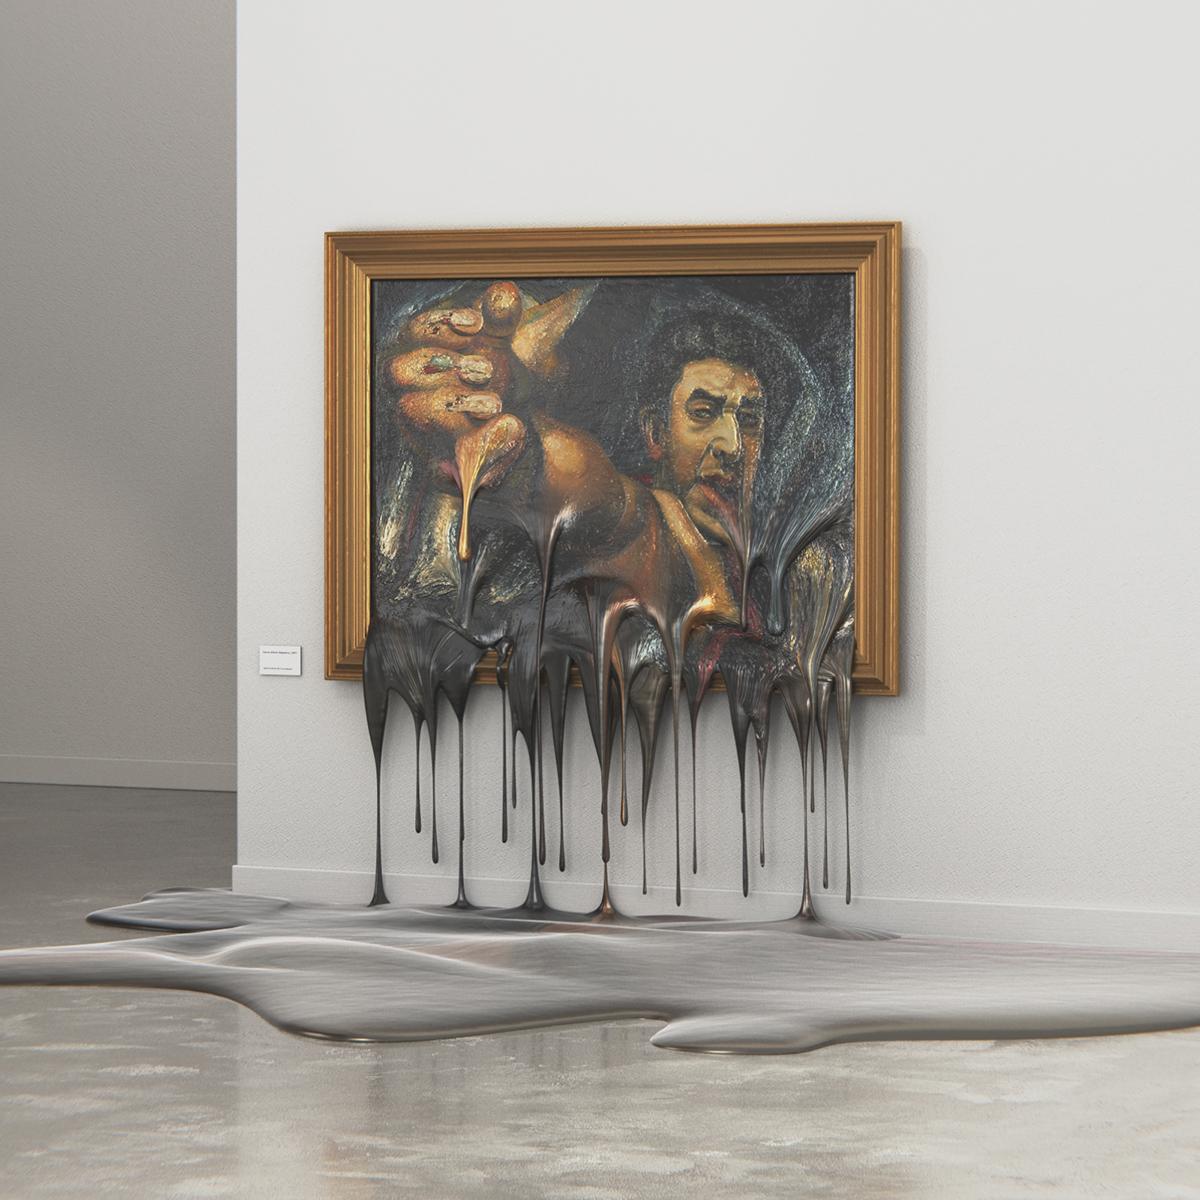 Hot Art Exhibition, gli effetti dell'estate sulle opere arte | Collater.al 8